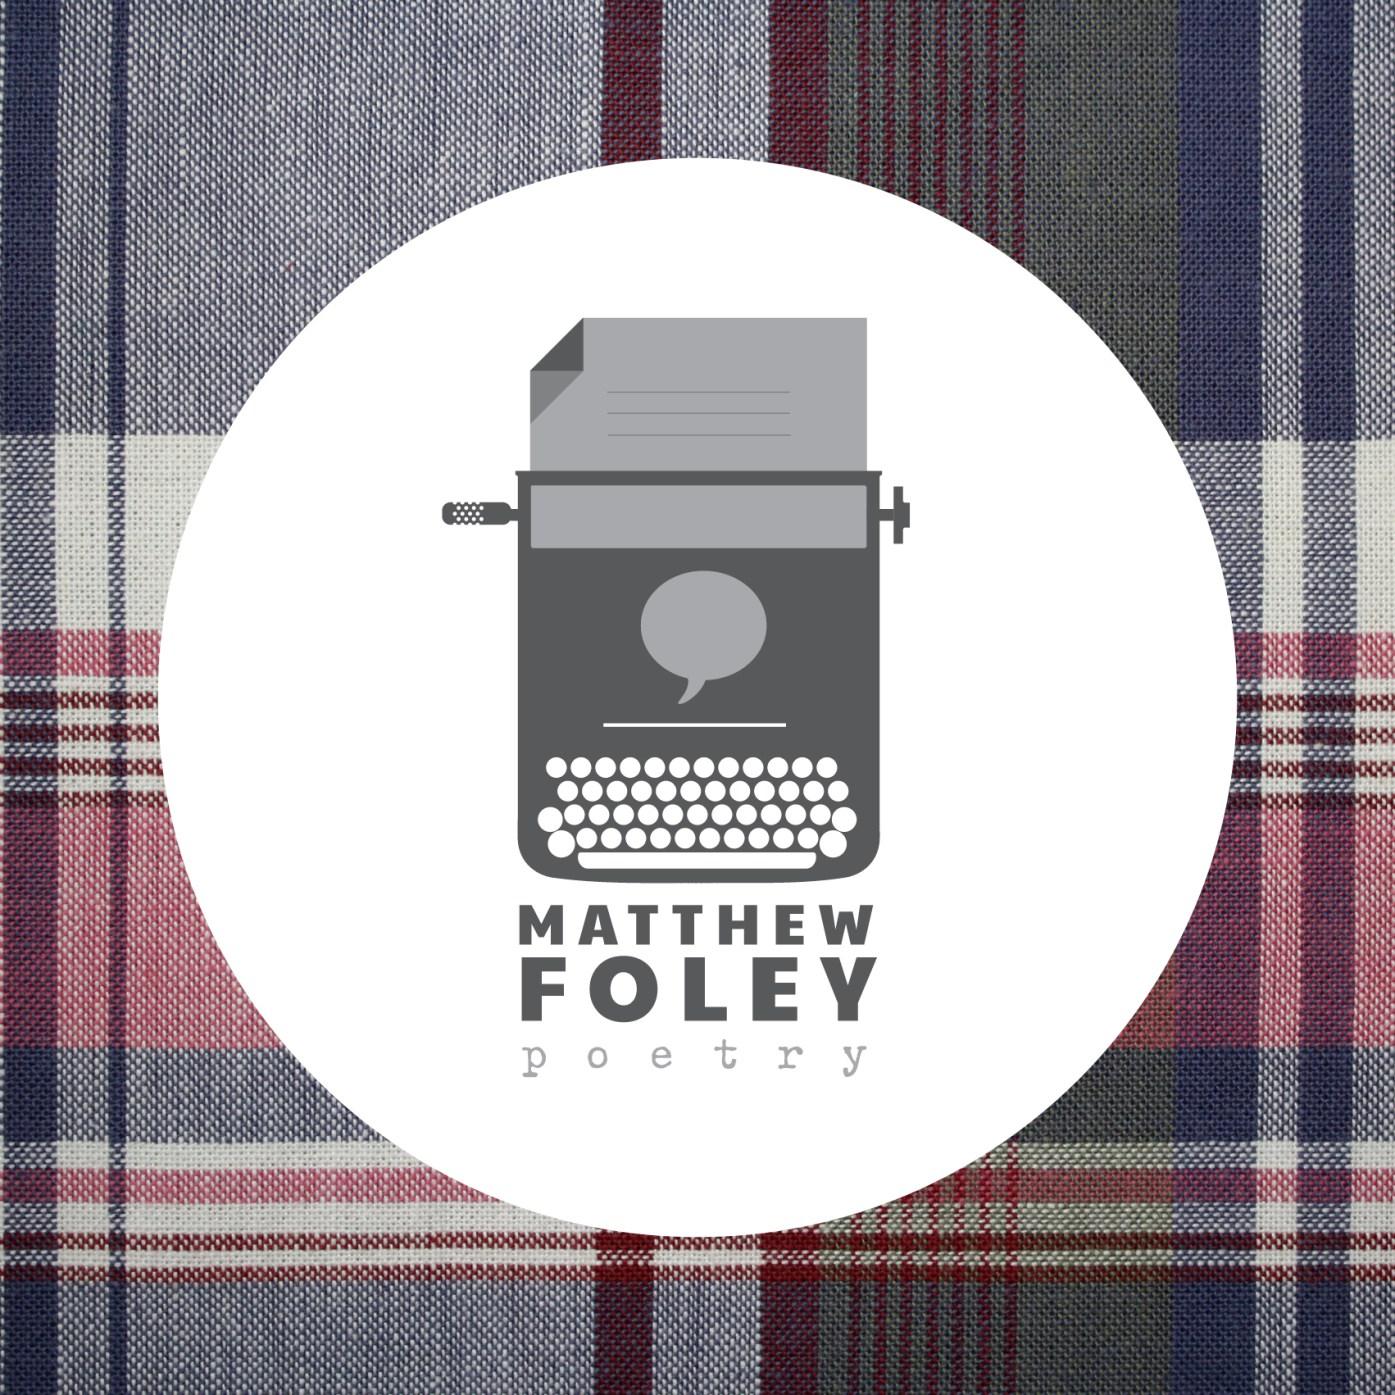 logo design for Charleston, SC poet Matthew Foley